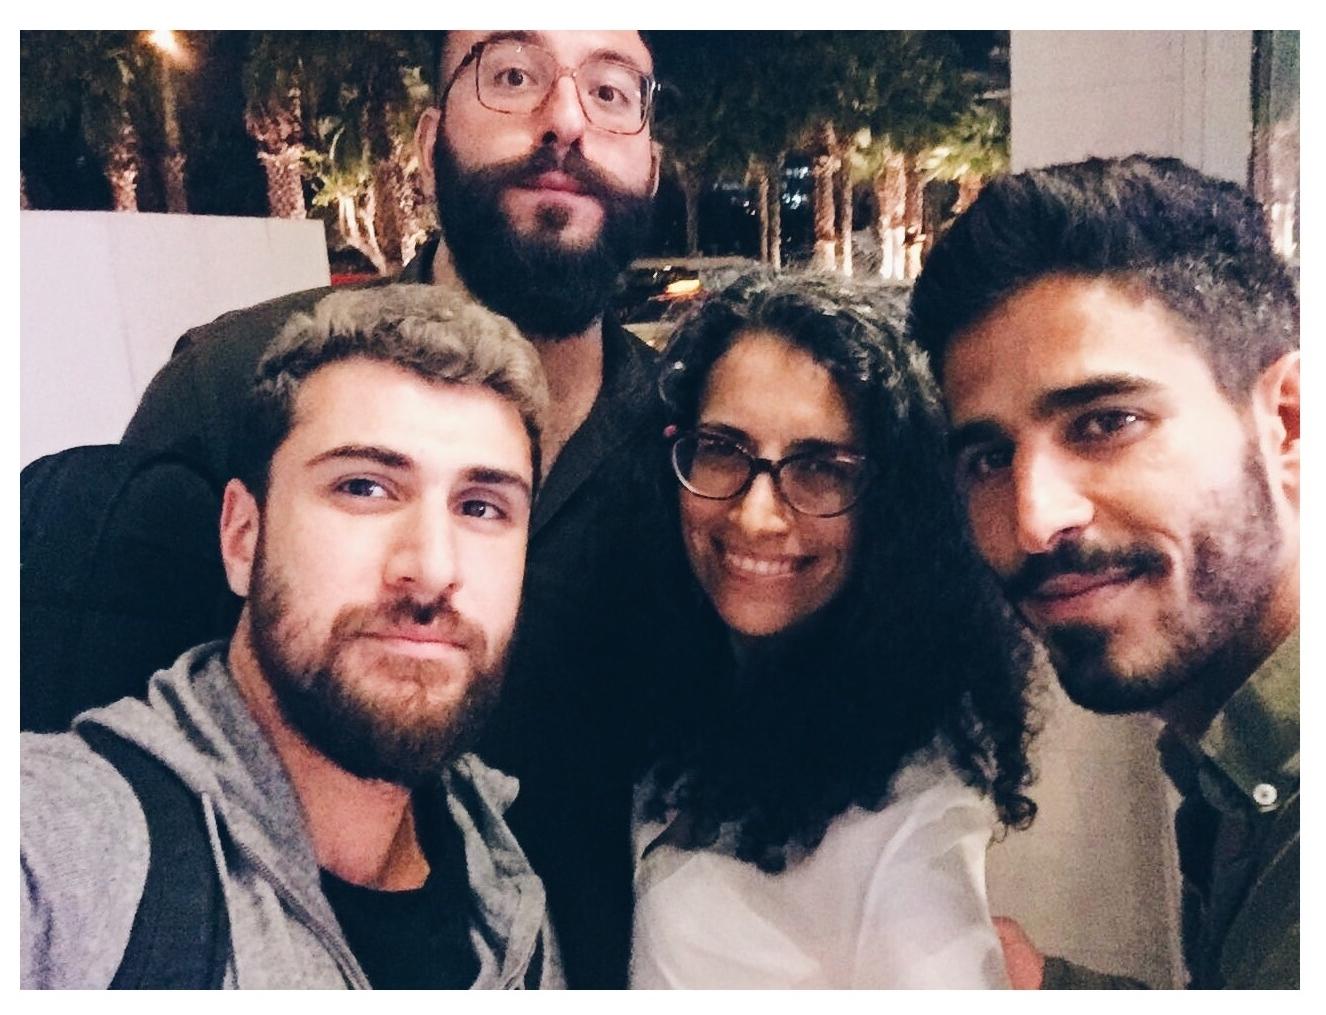 Nasri Atallah with Haig Papazian (Mashrou Leila), Dima Khatib (AJ+) & Ahmed Shihab-Eldin (AJ+, VICE)